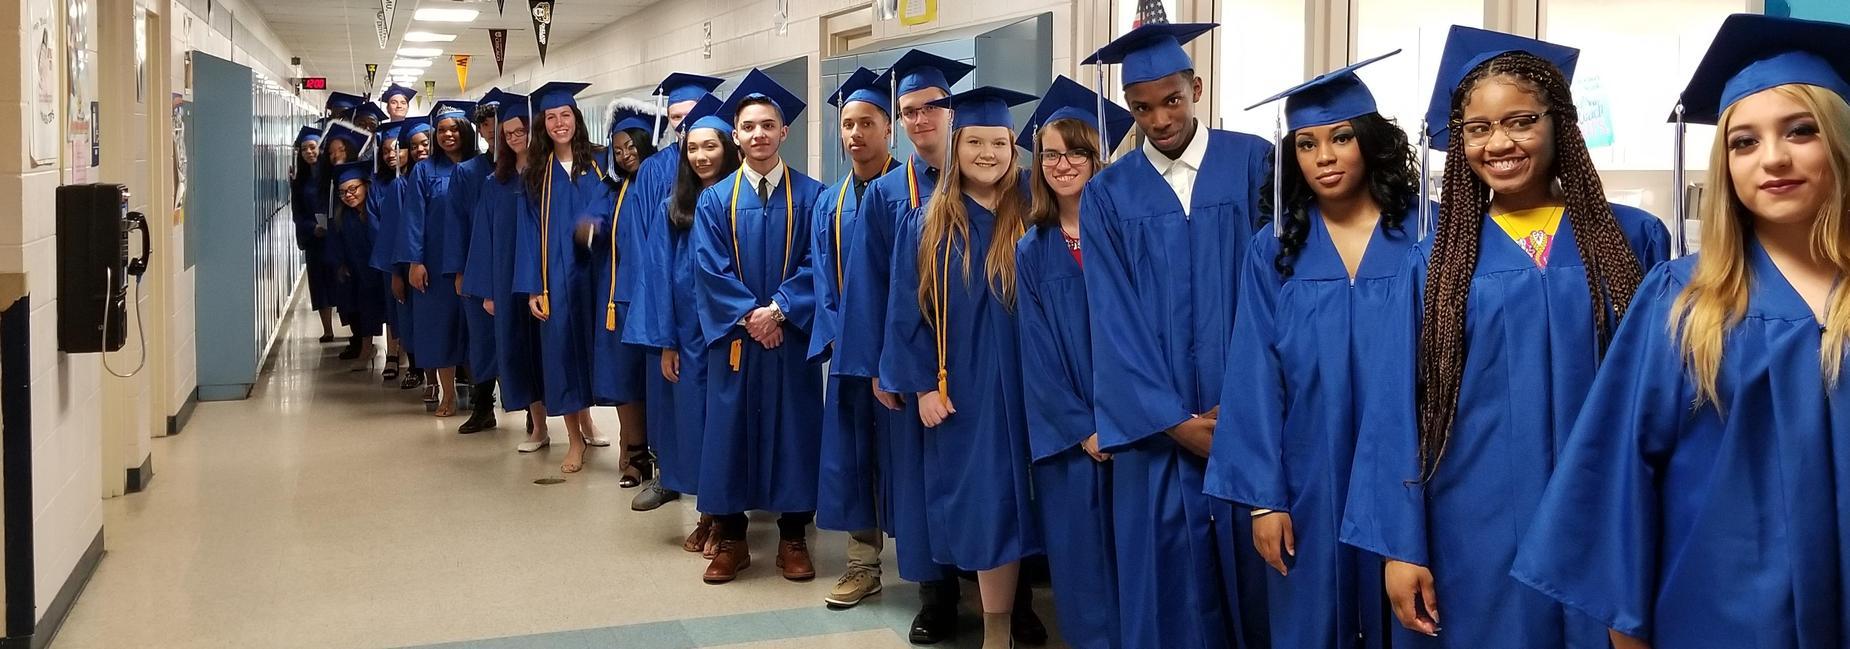 Class of 2018 Graduates standing in hallway